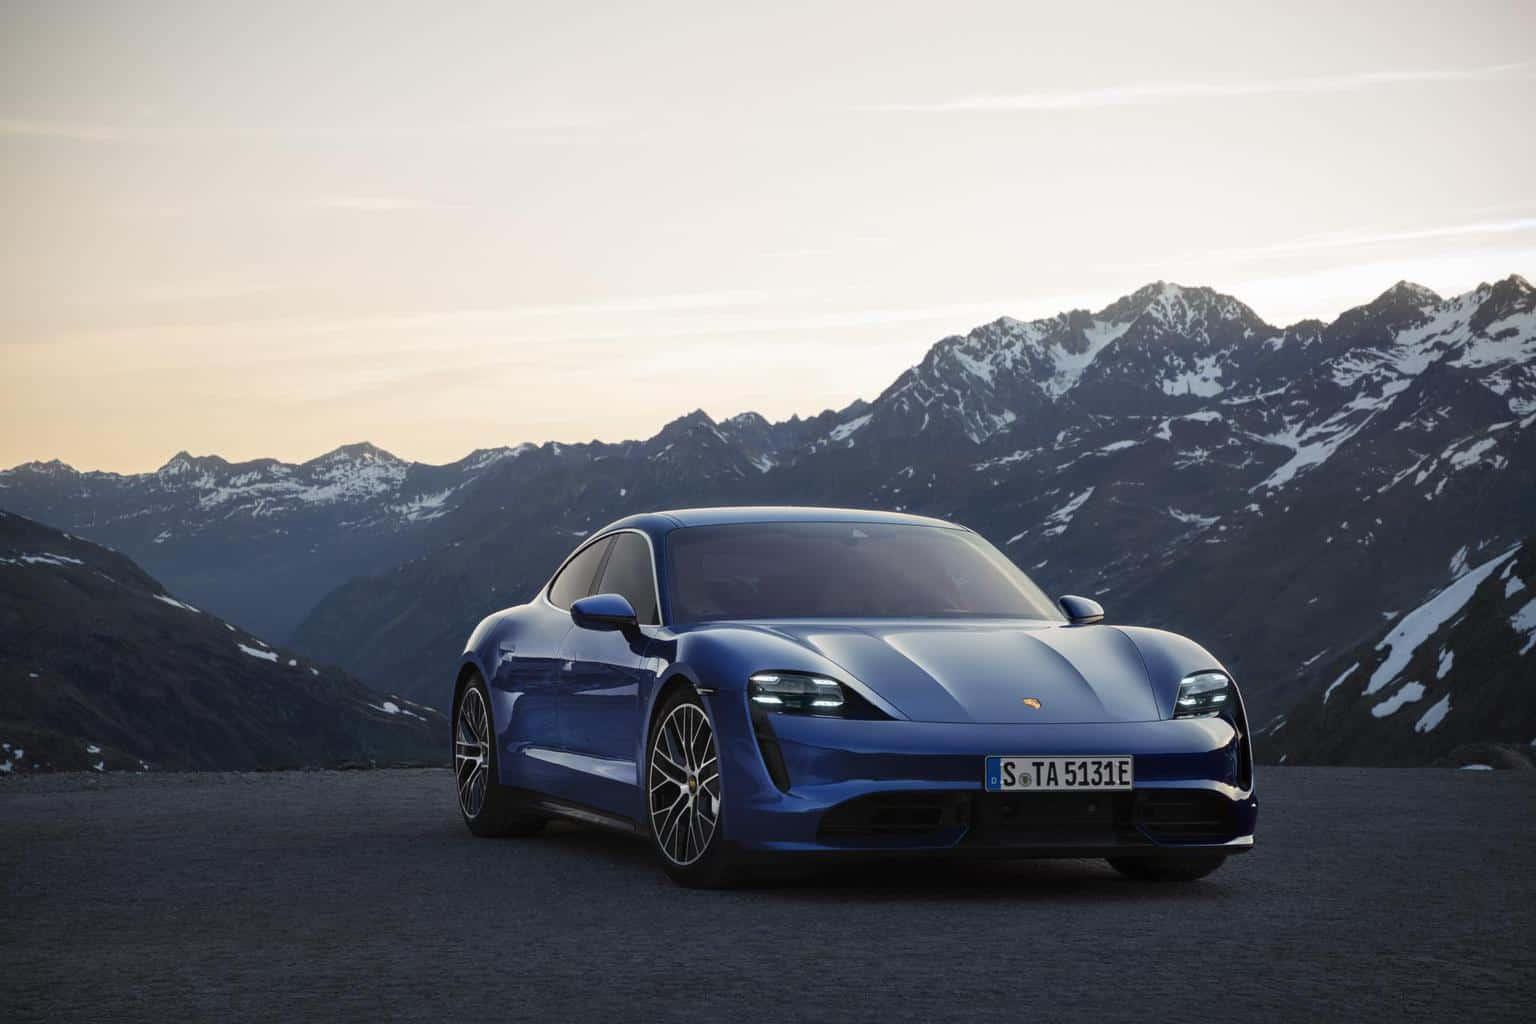 Taycan-Nachfrage führt zu drastischen Maßnahmen - Audi gibt Mitarbeiter an Porsche ab